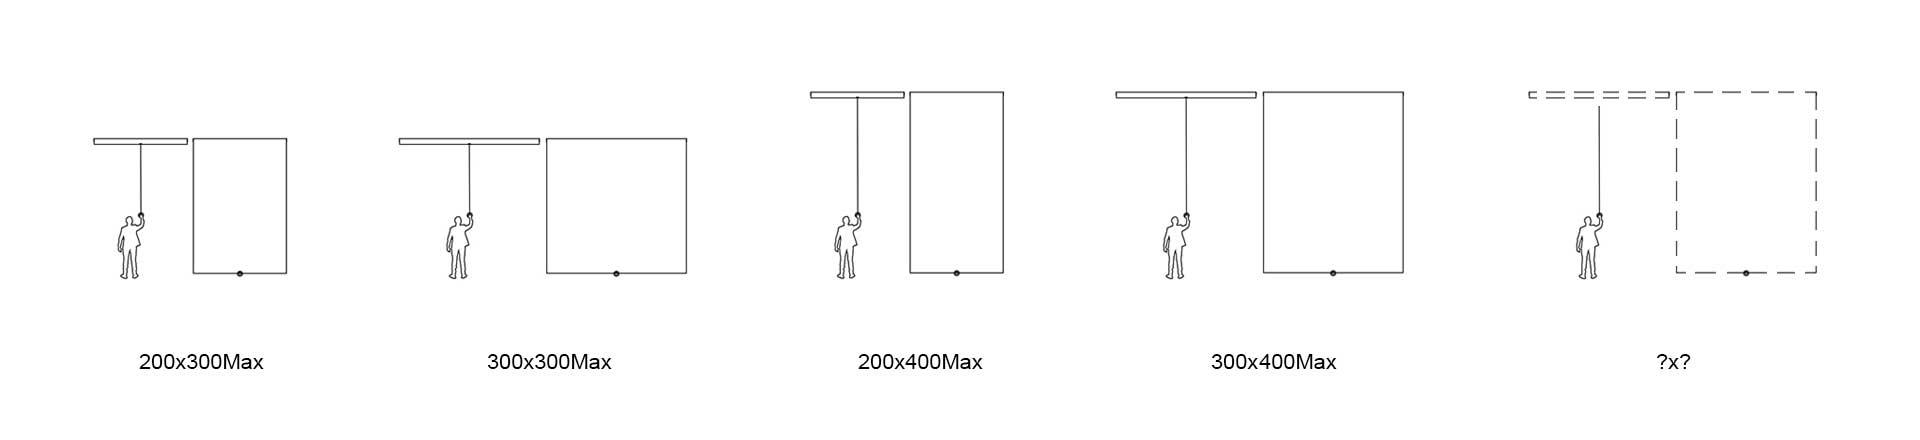 morfeus medidas y alturas